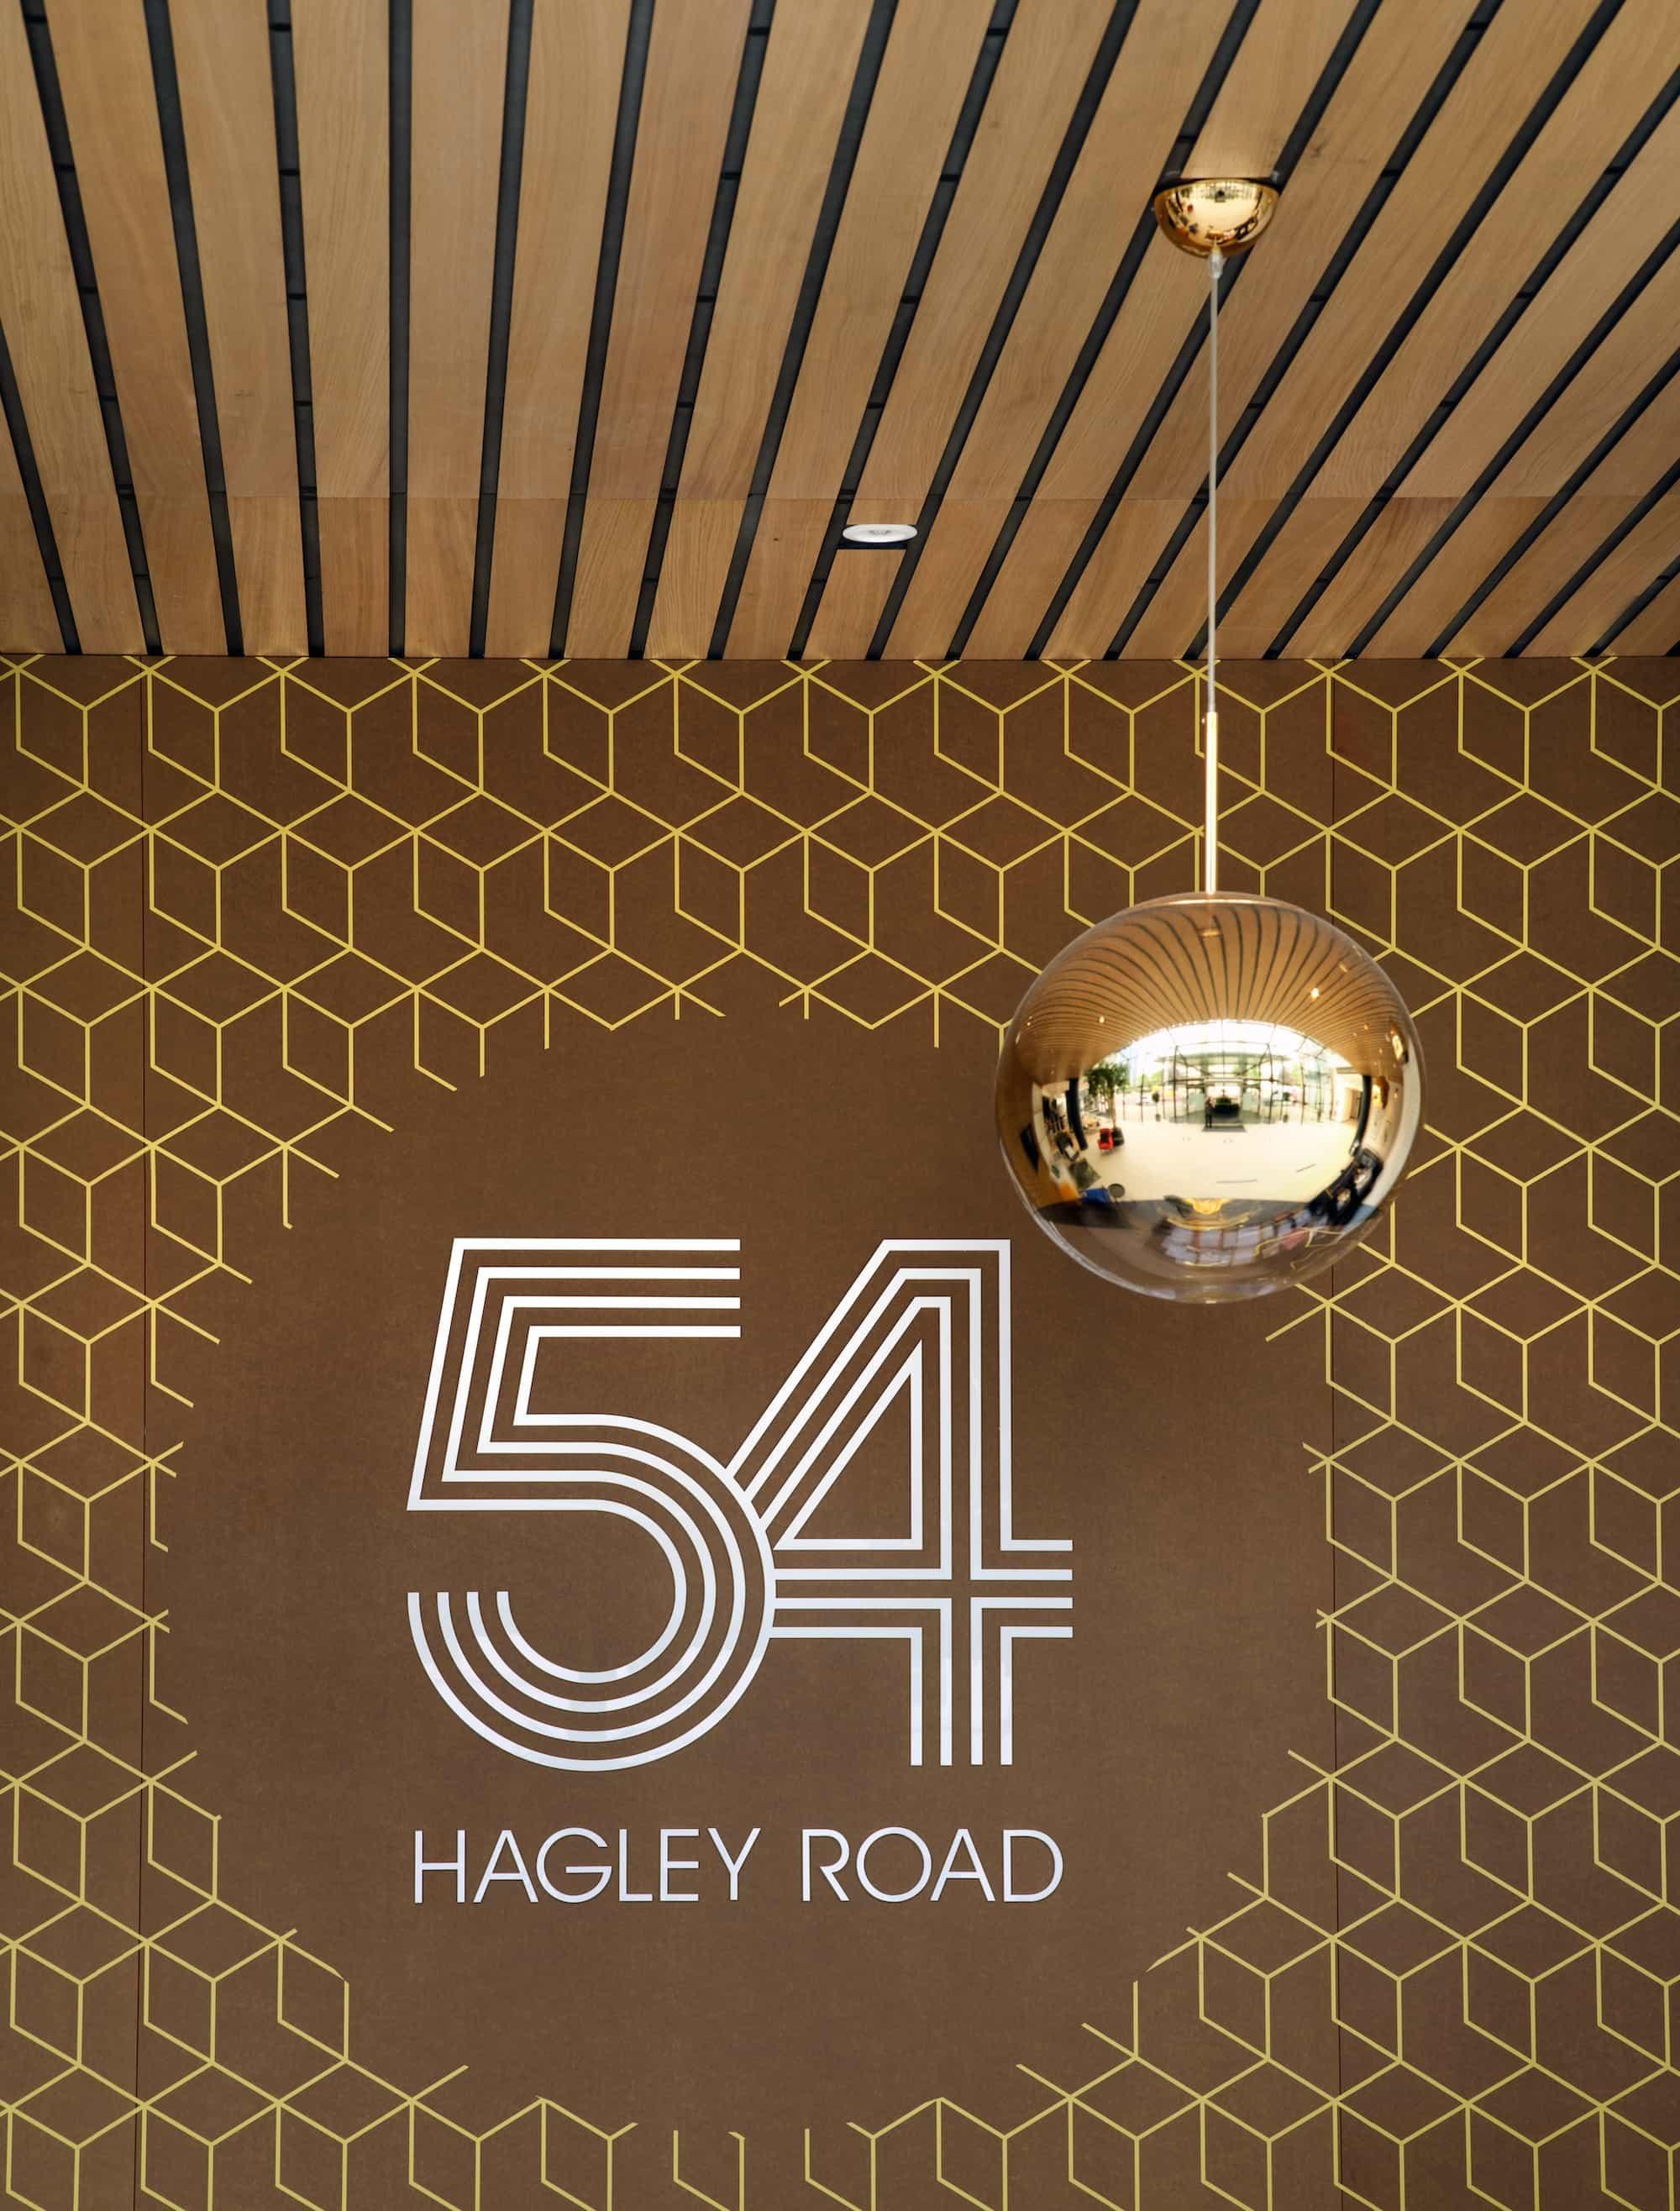 54 Hagley Road Sign